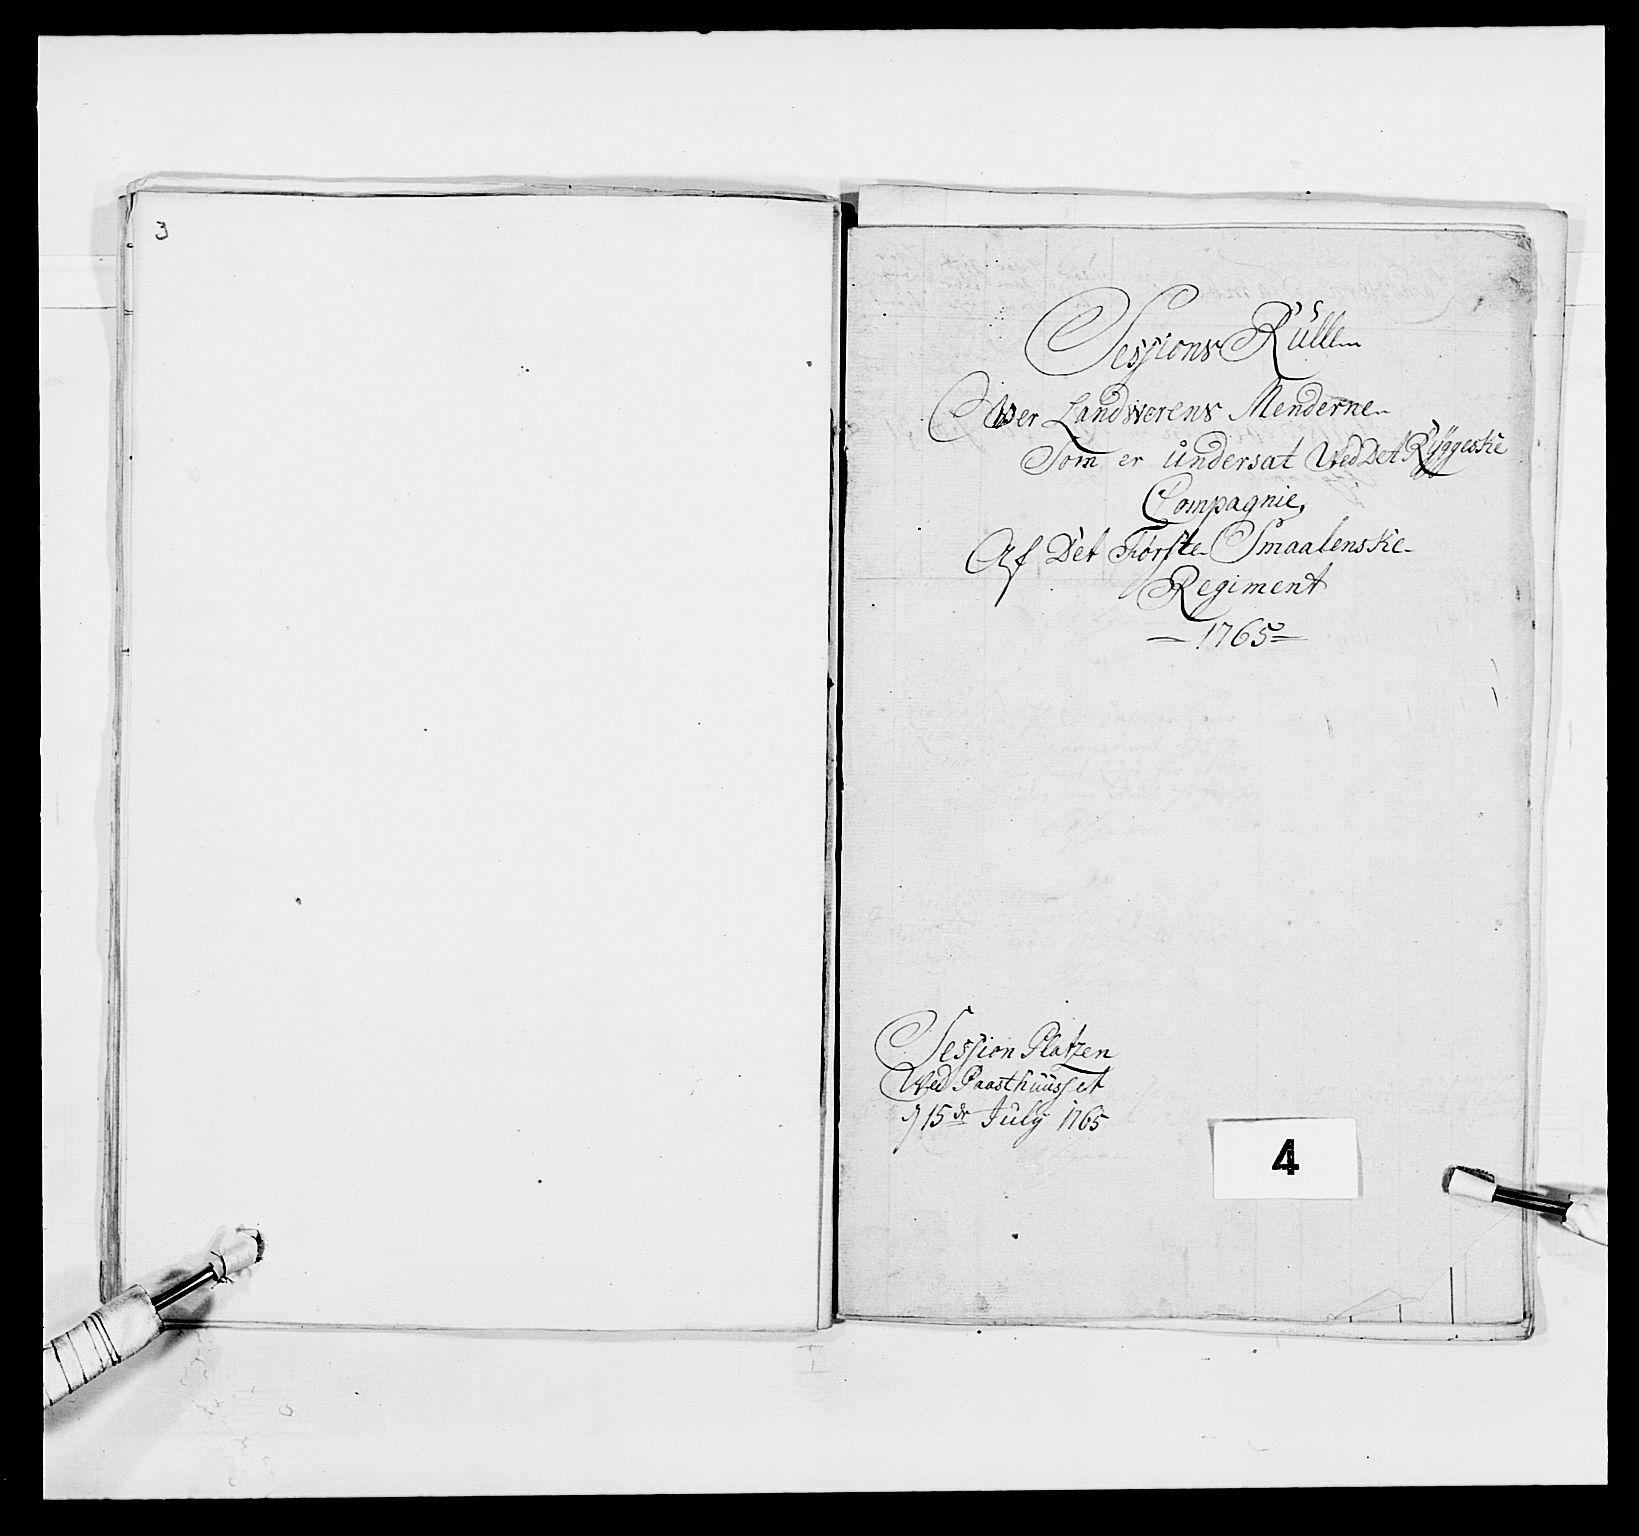 RA, Kommanderende general (KG I) med Det norske krigsdirektorium, E/Ea/L0496: 1. Smålenske regiment, 1765-1767, s. 31